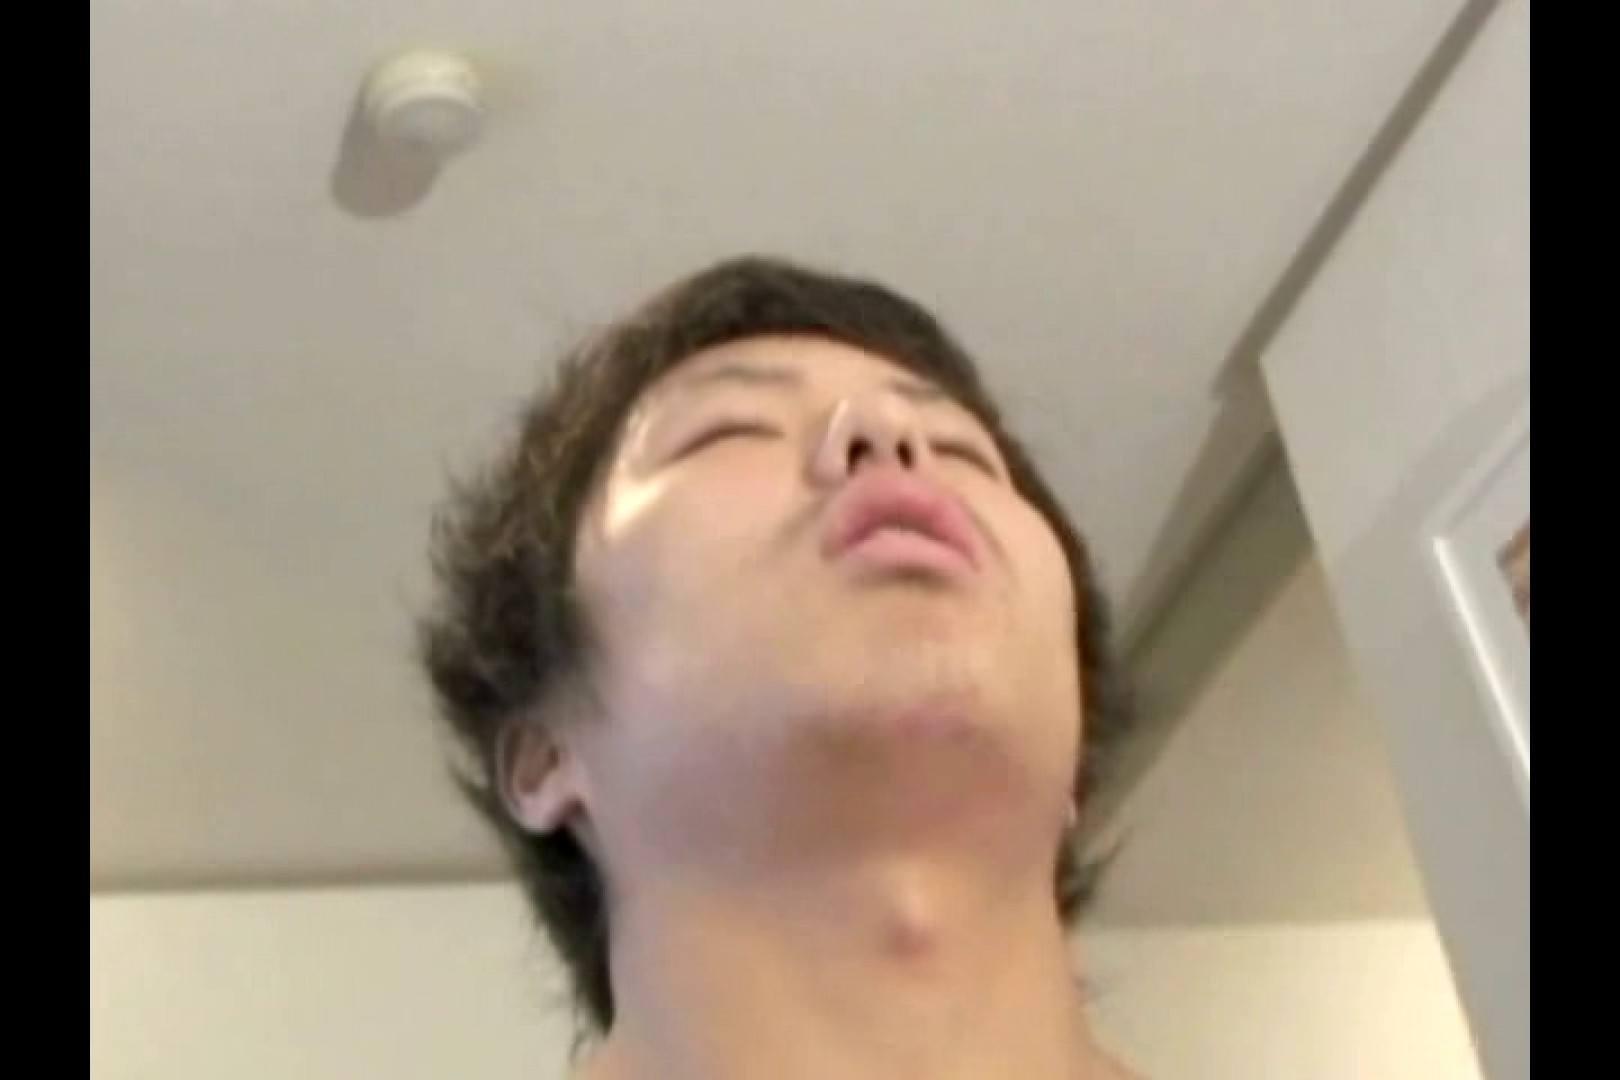 イカせ屋 Vol.04 入浴・シャワー丸見え ゲイヌード画像 94pic 7